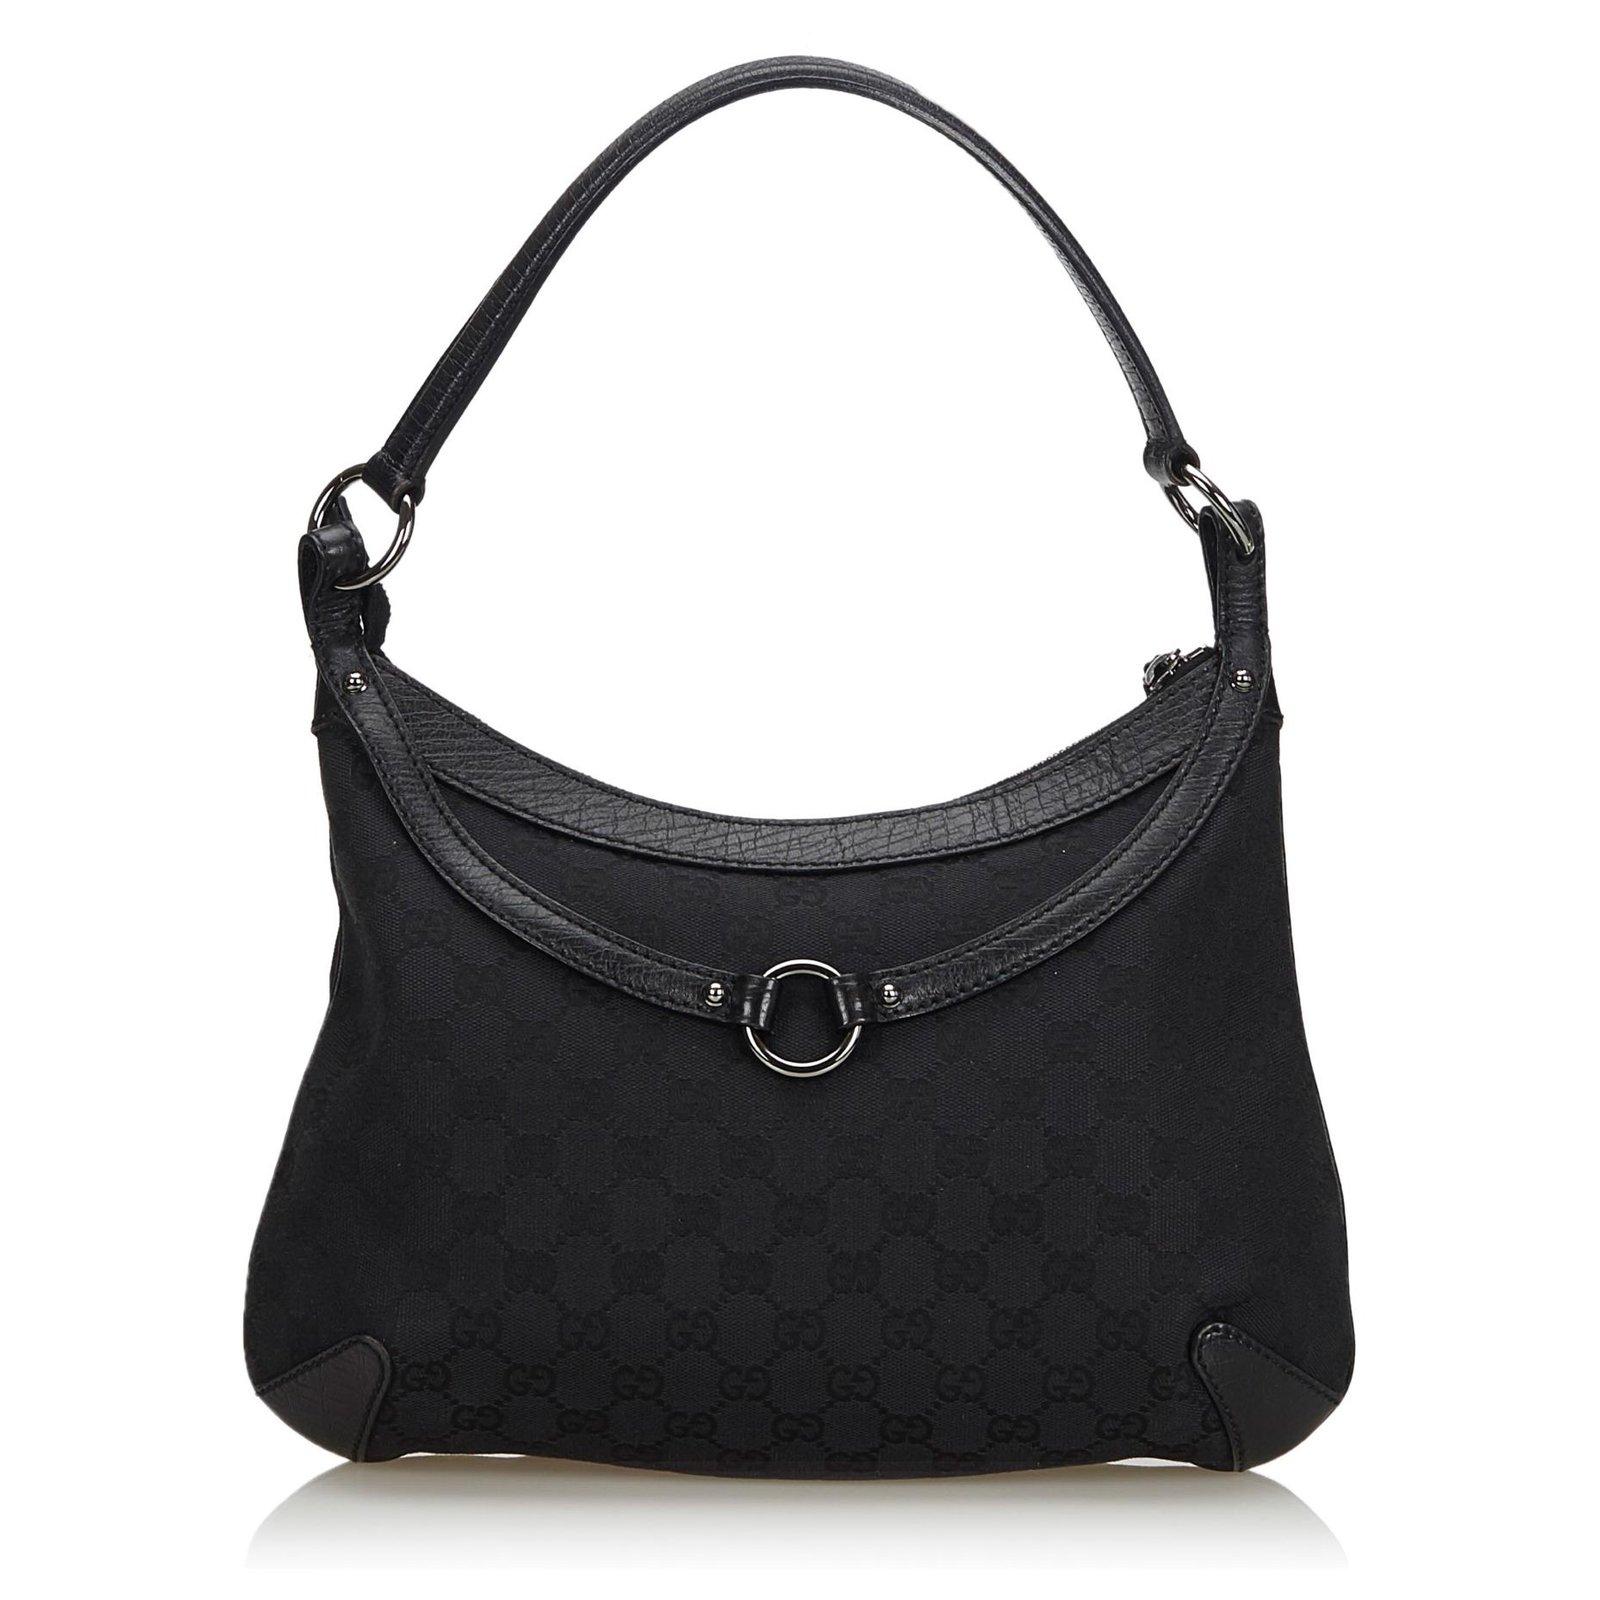 5943e1c1a Gucci Gucci Black GG Canvas Horsebit Hobo Bag Handbags Leather,Other,Cloth,Cloth  Black ref.134692 - Joli Closet